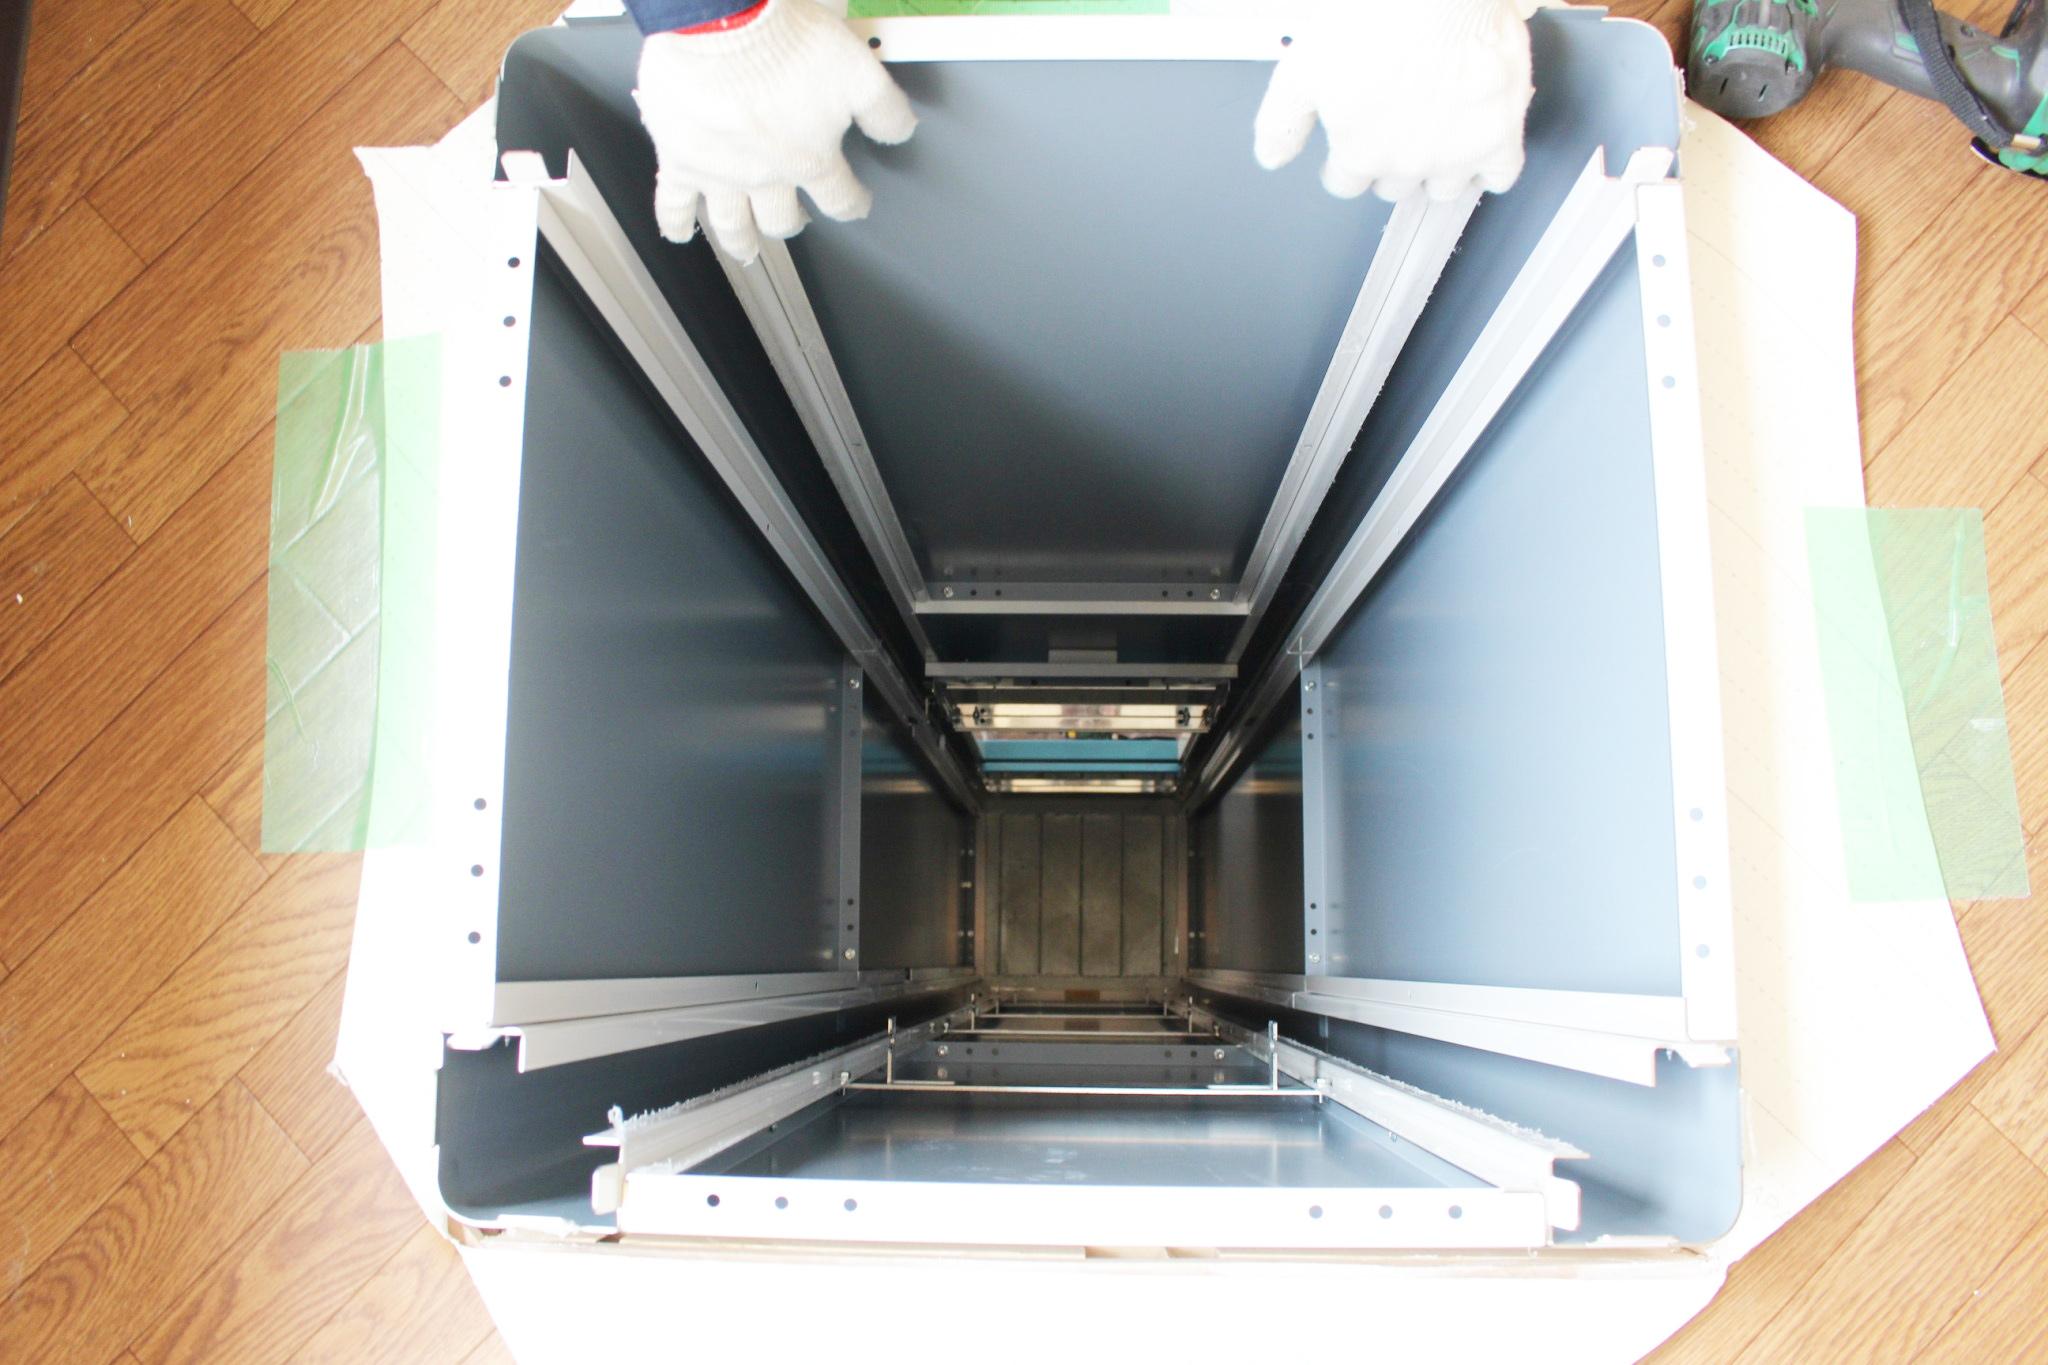 小荷物専用昇降機の昇降路は、パネルを組み合わせる形で製作していきます